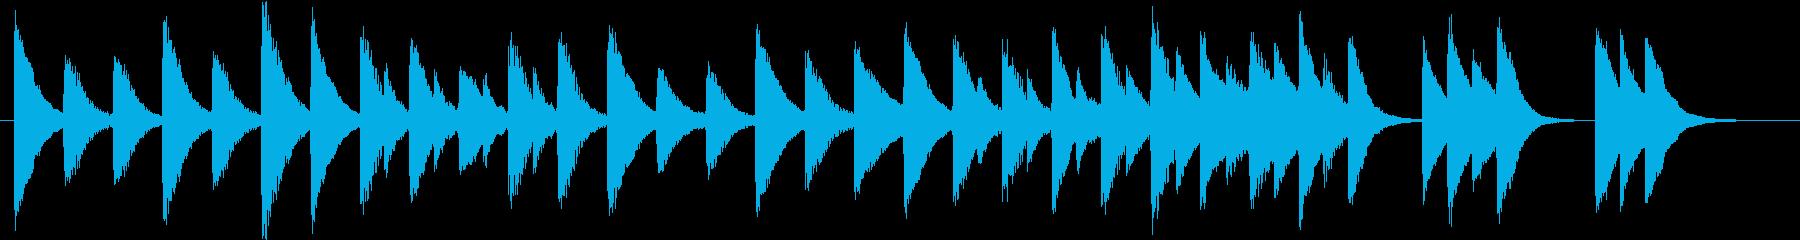 ワルツで♪童謡・春よ来いピアノジングルCの再生済みの波形